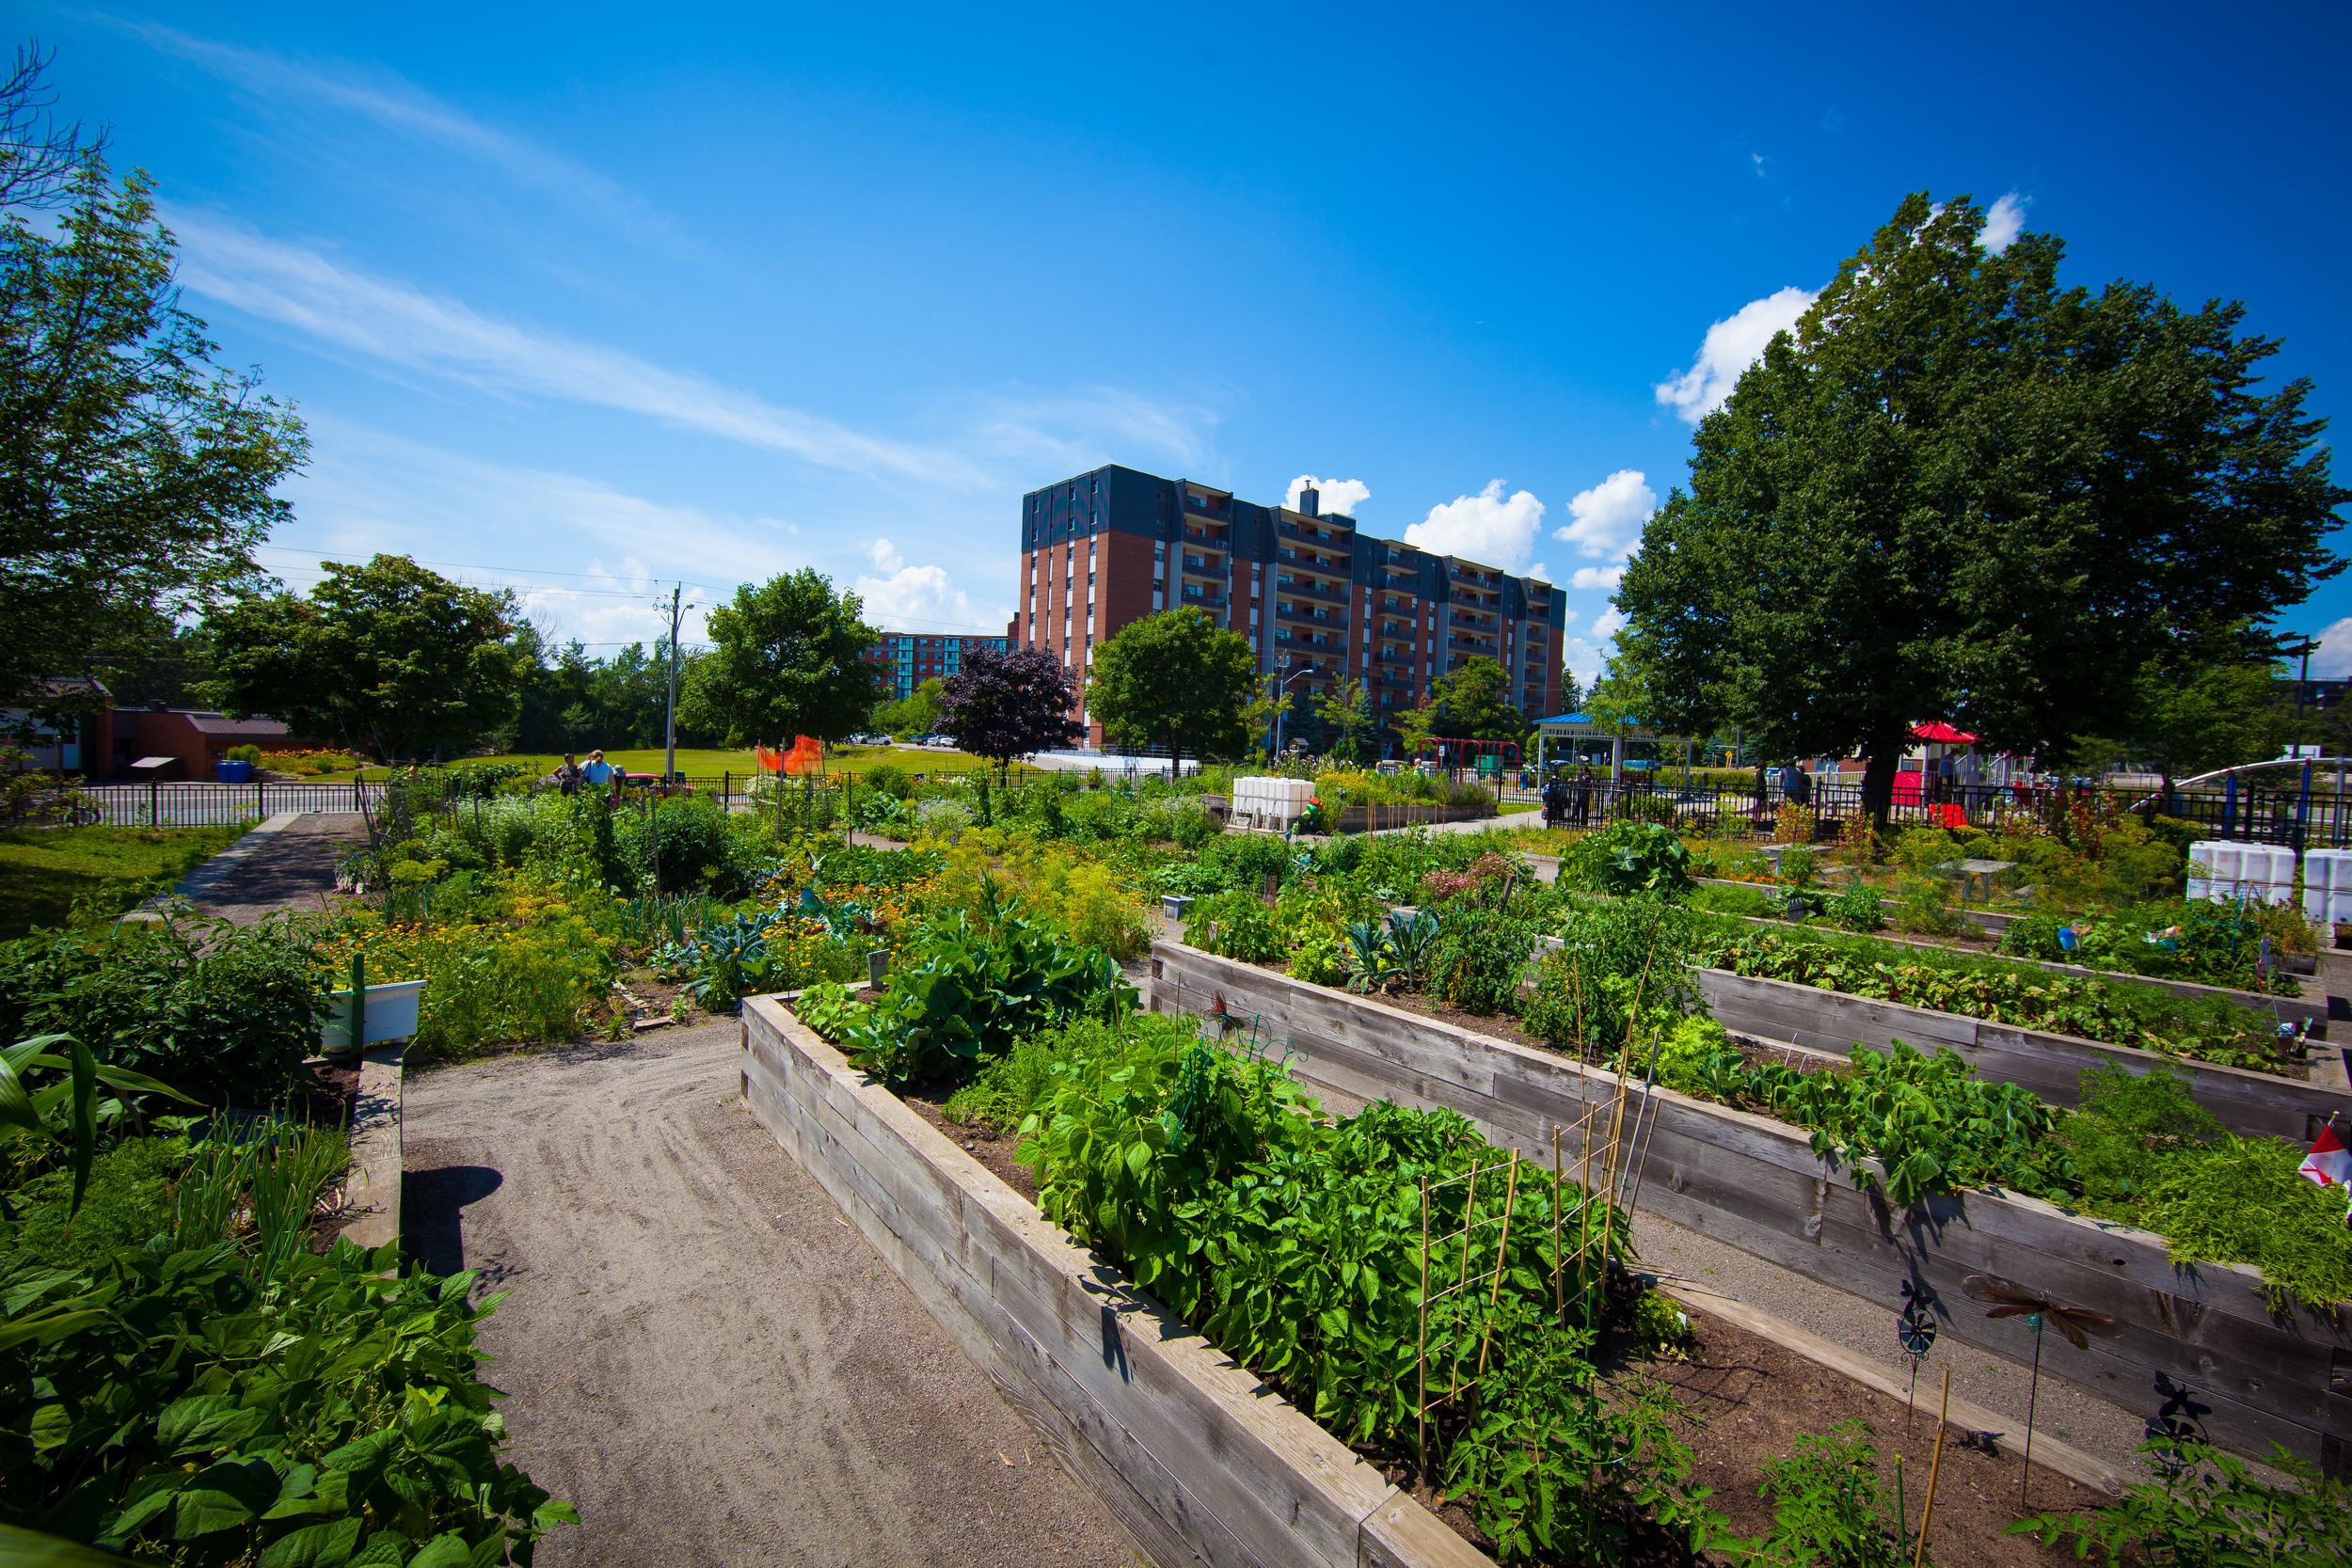 GardenTour2015-50.jpg